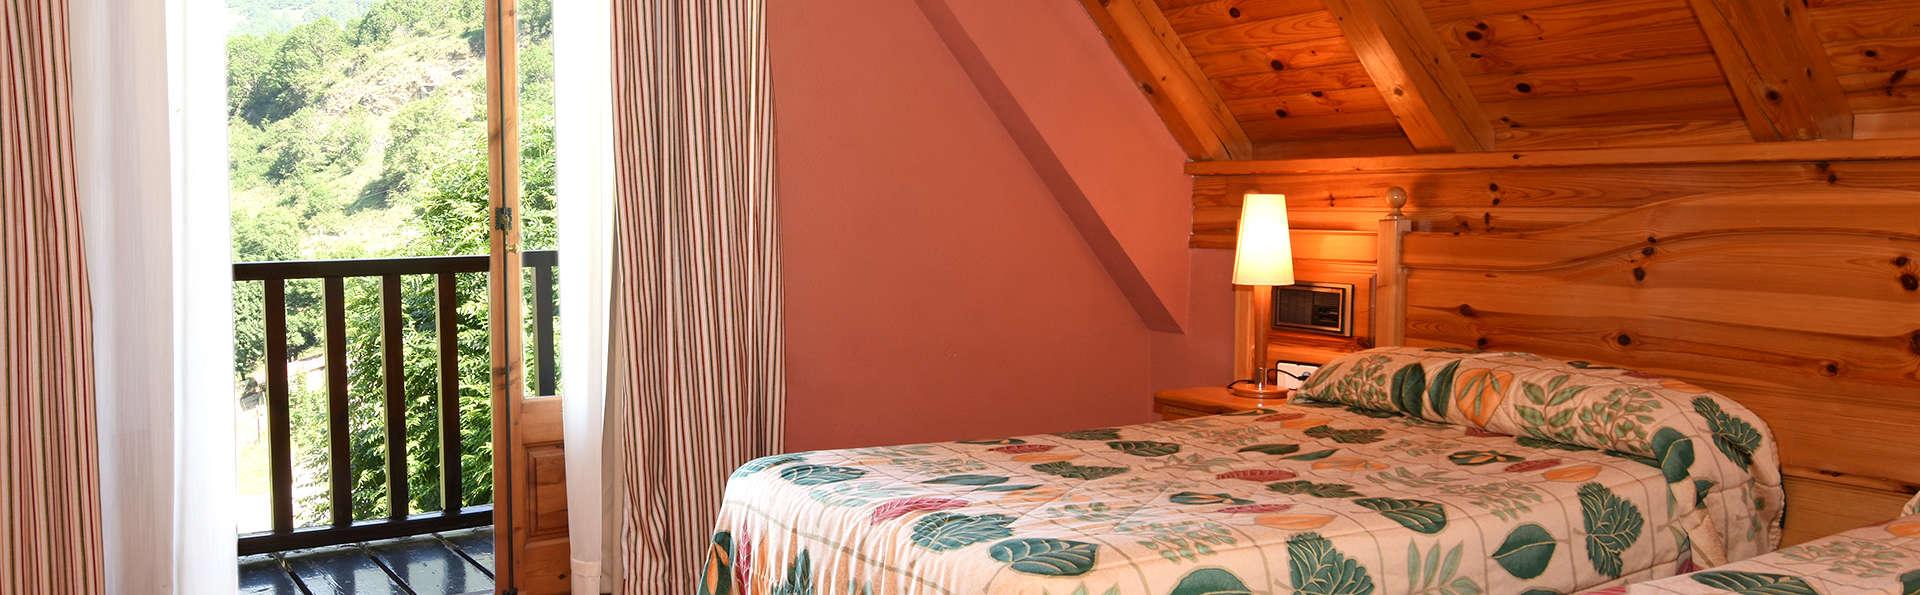 Visitez Tredòs dans le Val d'Aran en chambre triple